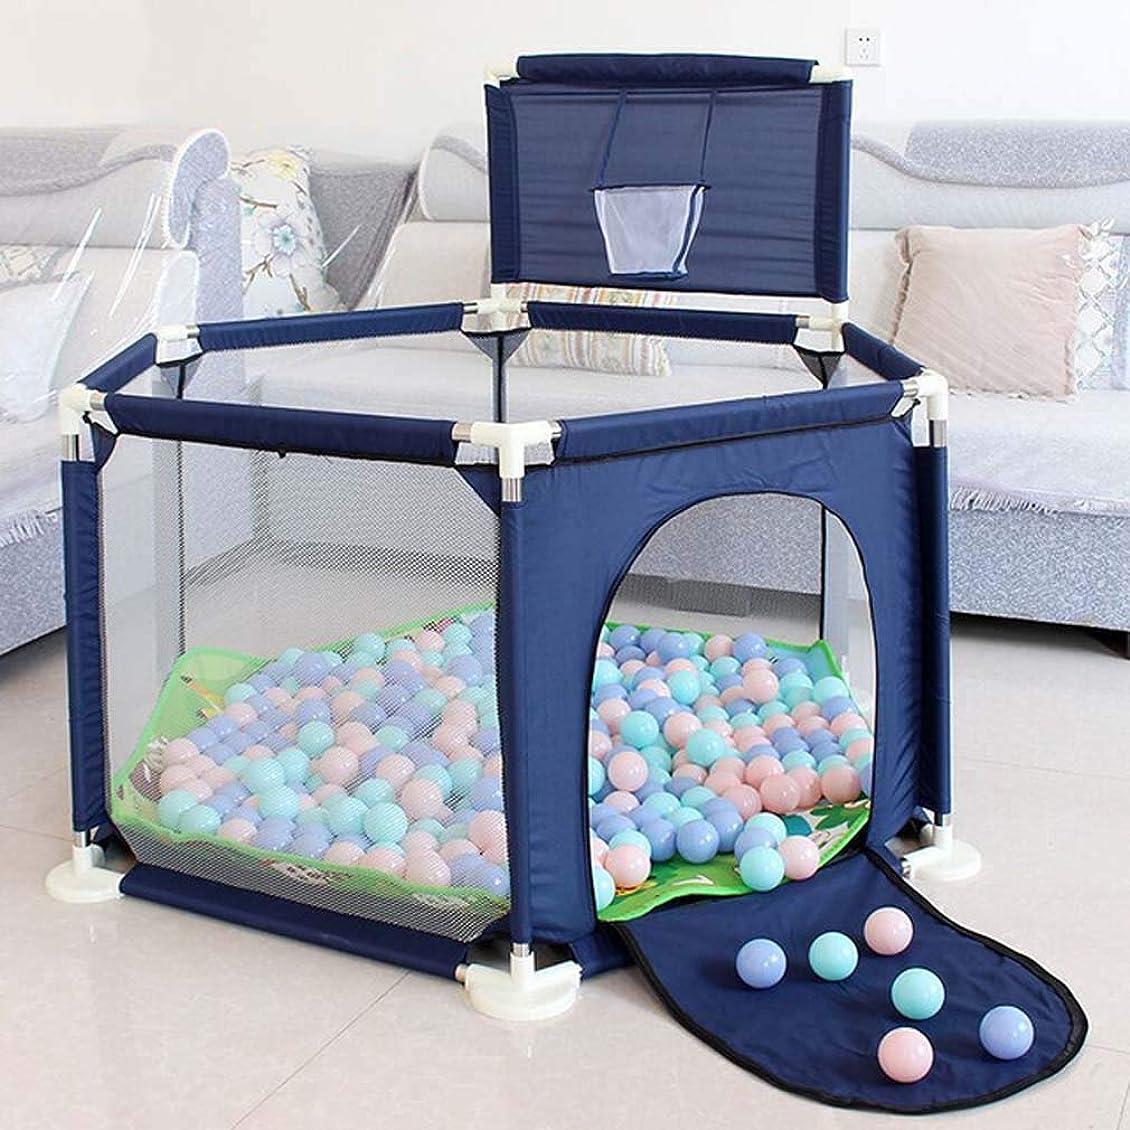 料理湿地グローブベビーベビーサークルはバスケットボールフープでヤードを再生し、ポータブル屋内屋外ベビープレイヤードフェンス幼児子供の安全ヤード楽しいActivitiesPopularおもちゃを再生 (Color : Blue)